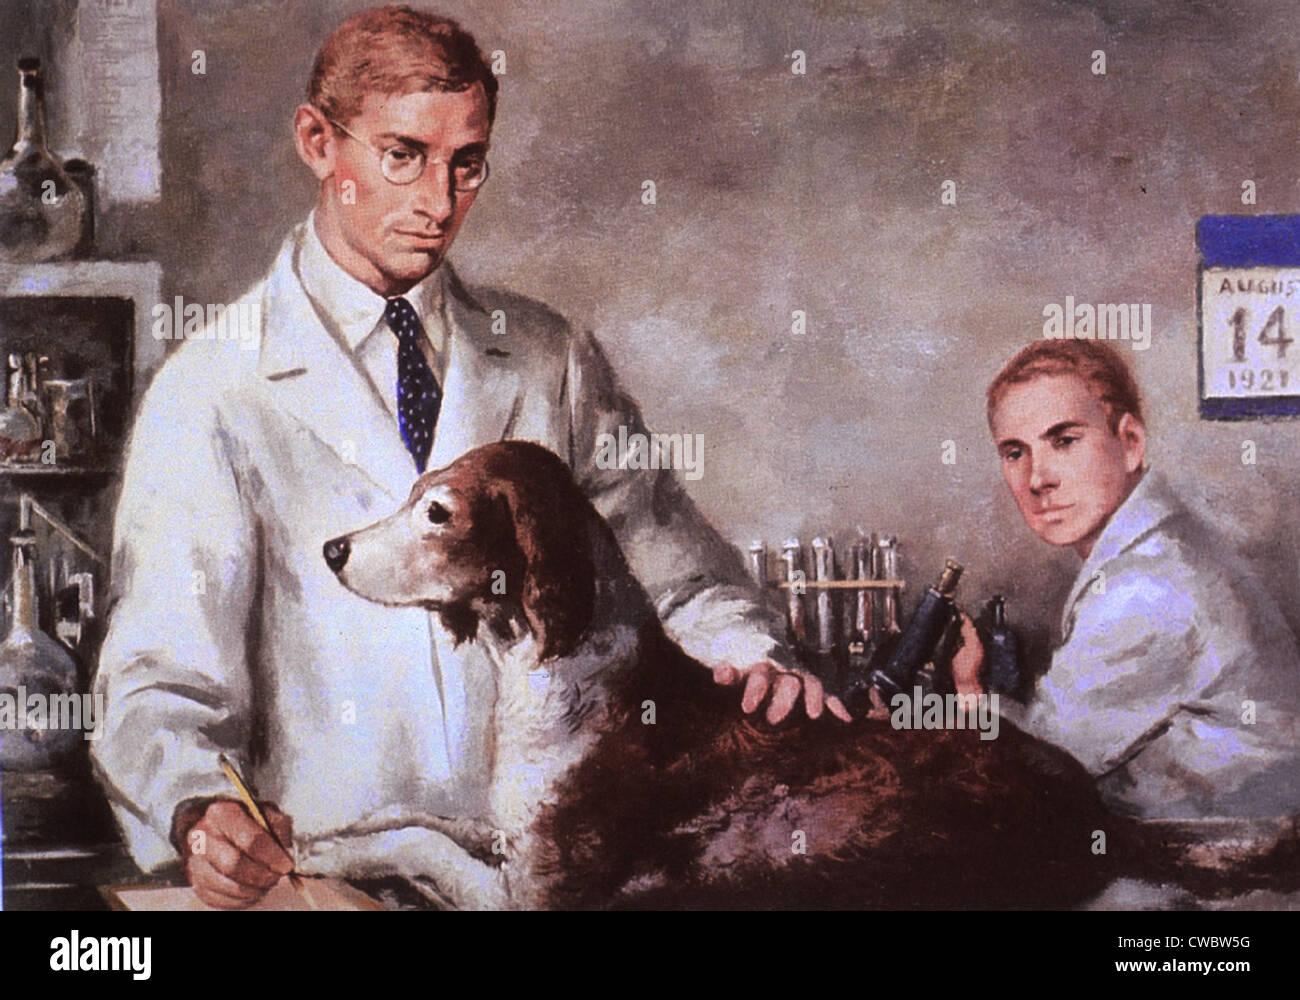 Frederick Banting et Charles Best, avec un chien diabétique ils maintenus en vie par injections de l'hormone insuline. Banque D'Images